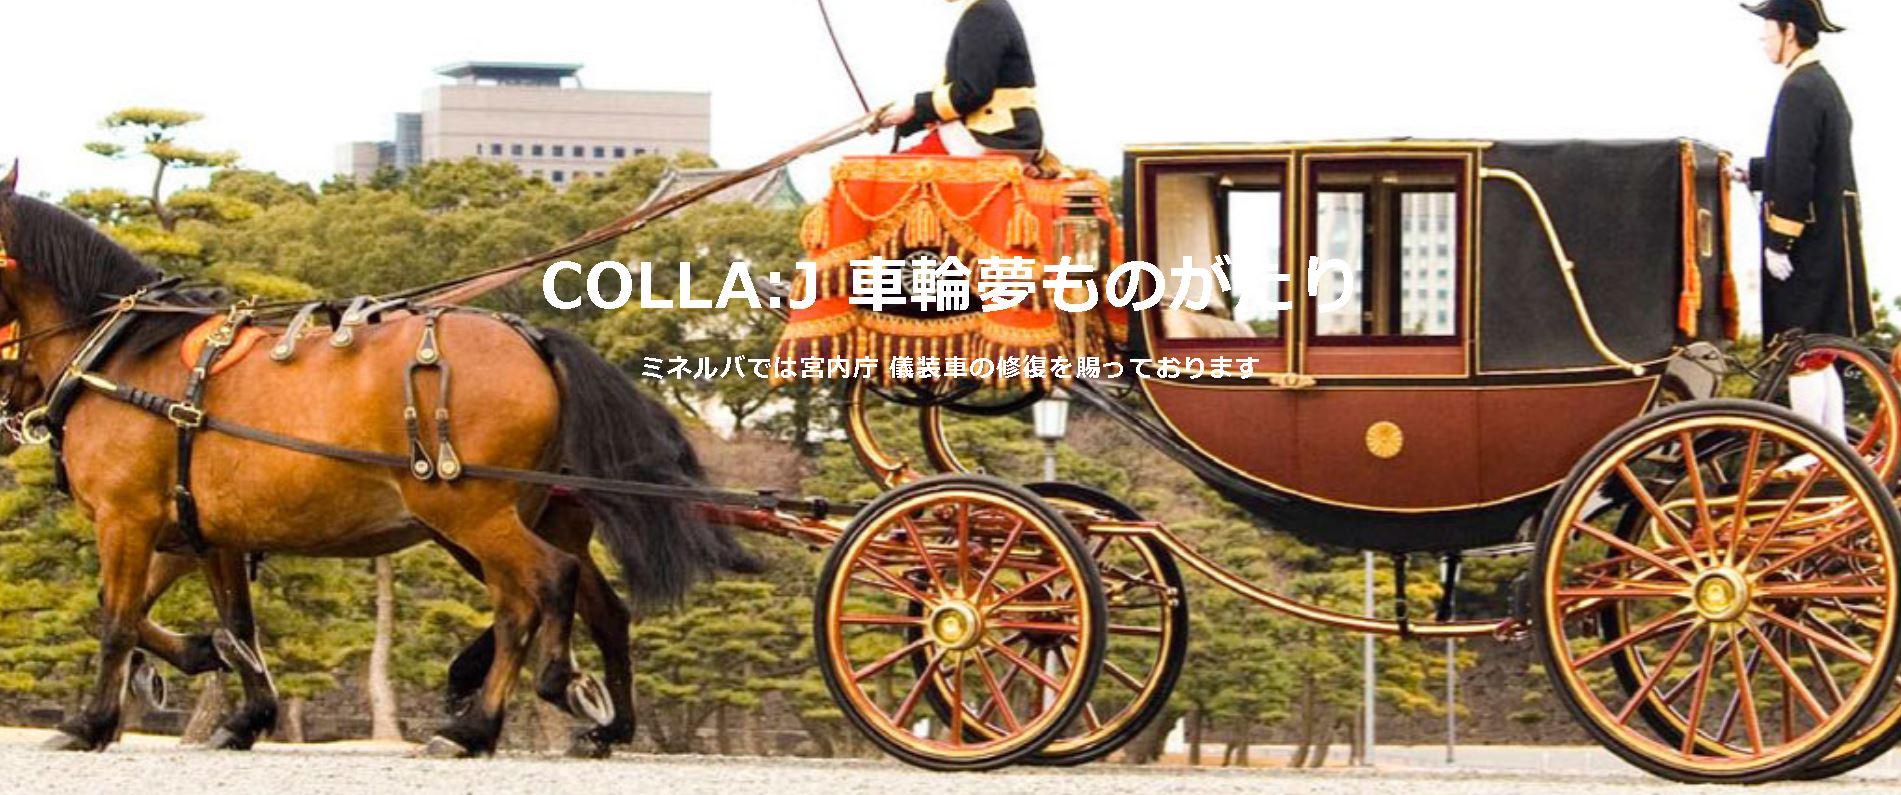 """"""" alt=""""Colla:J 車輪夢ものがたり"""""""